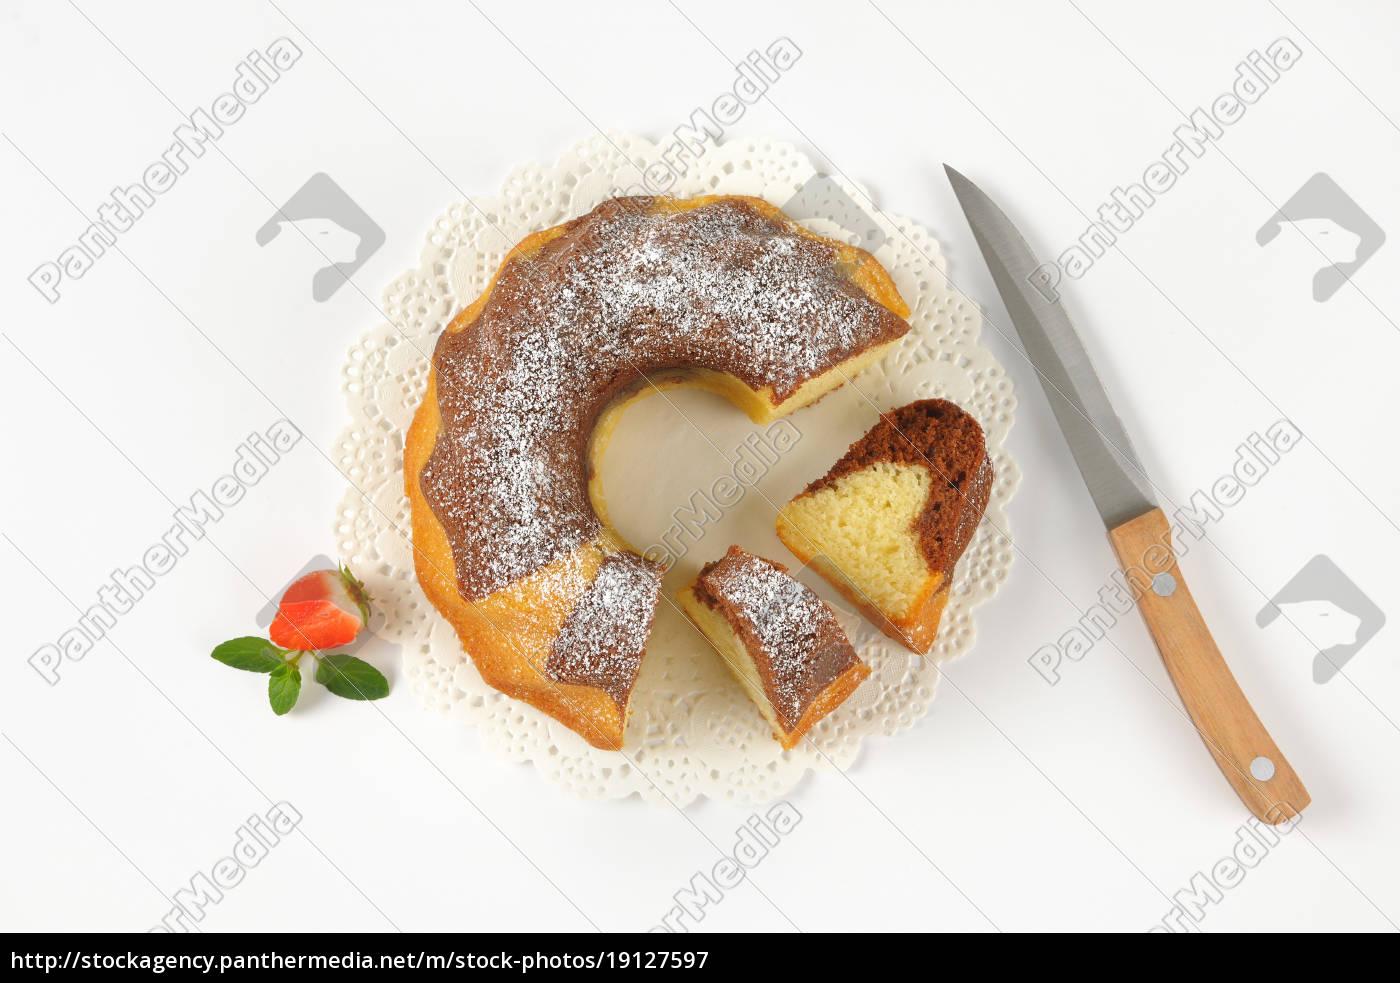 sliced, marble, bundt, cake - 19127597